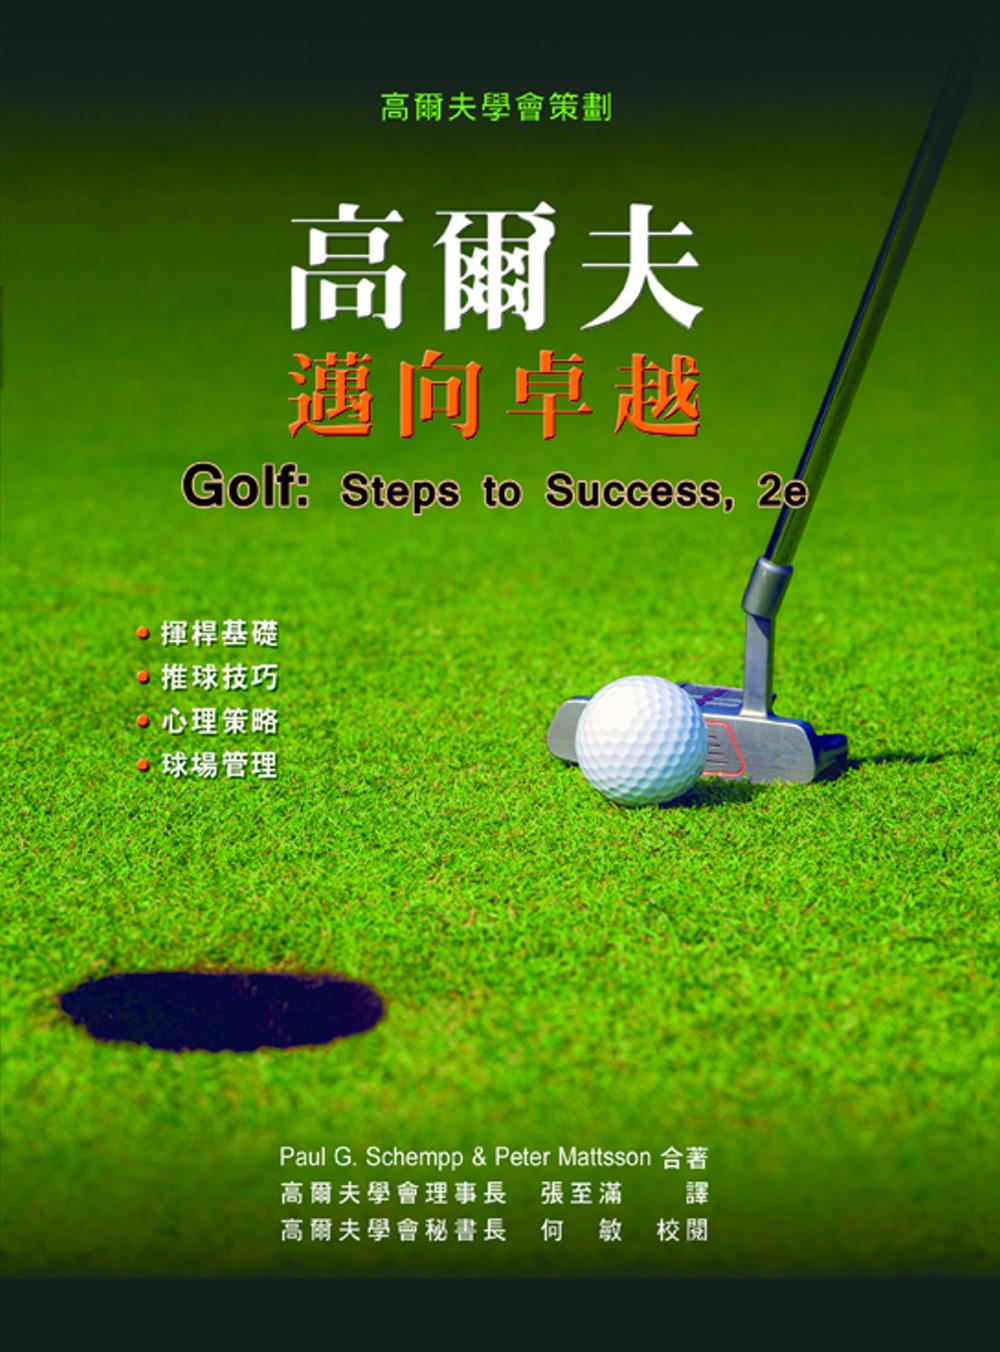 高爾夫:邁向卓越